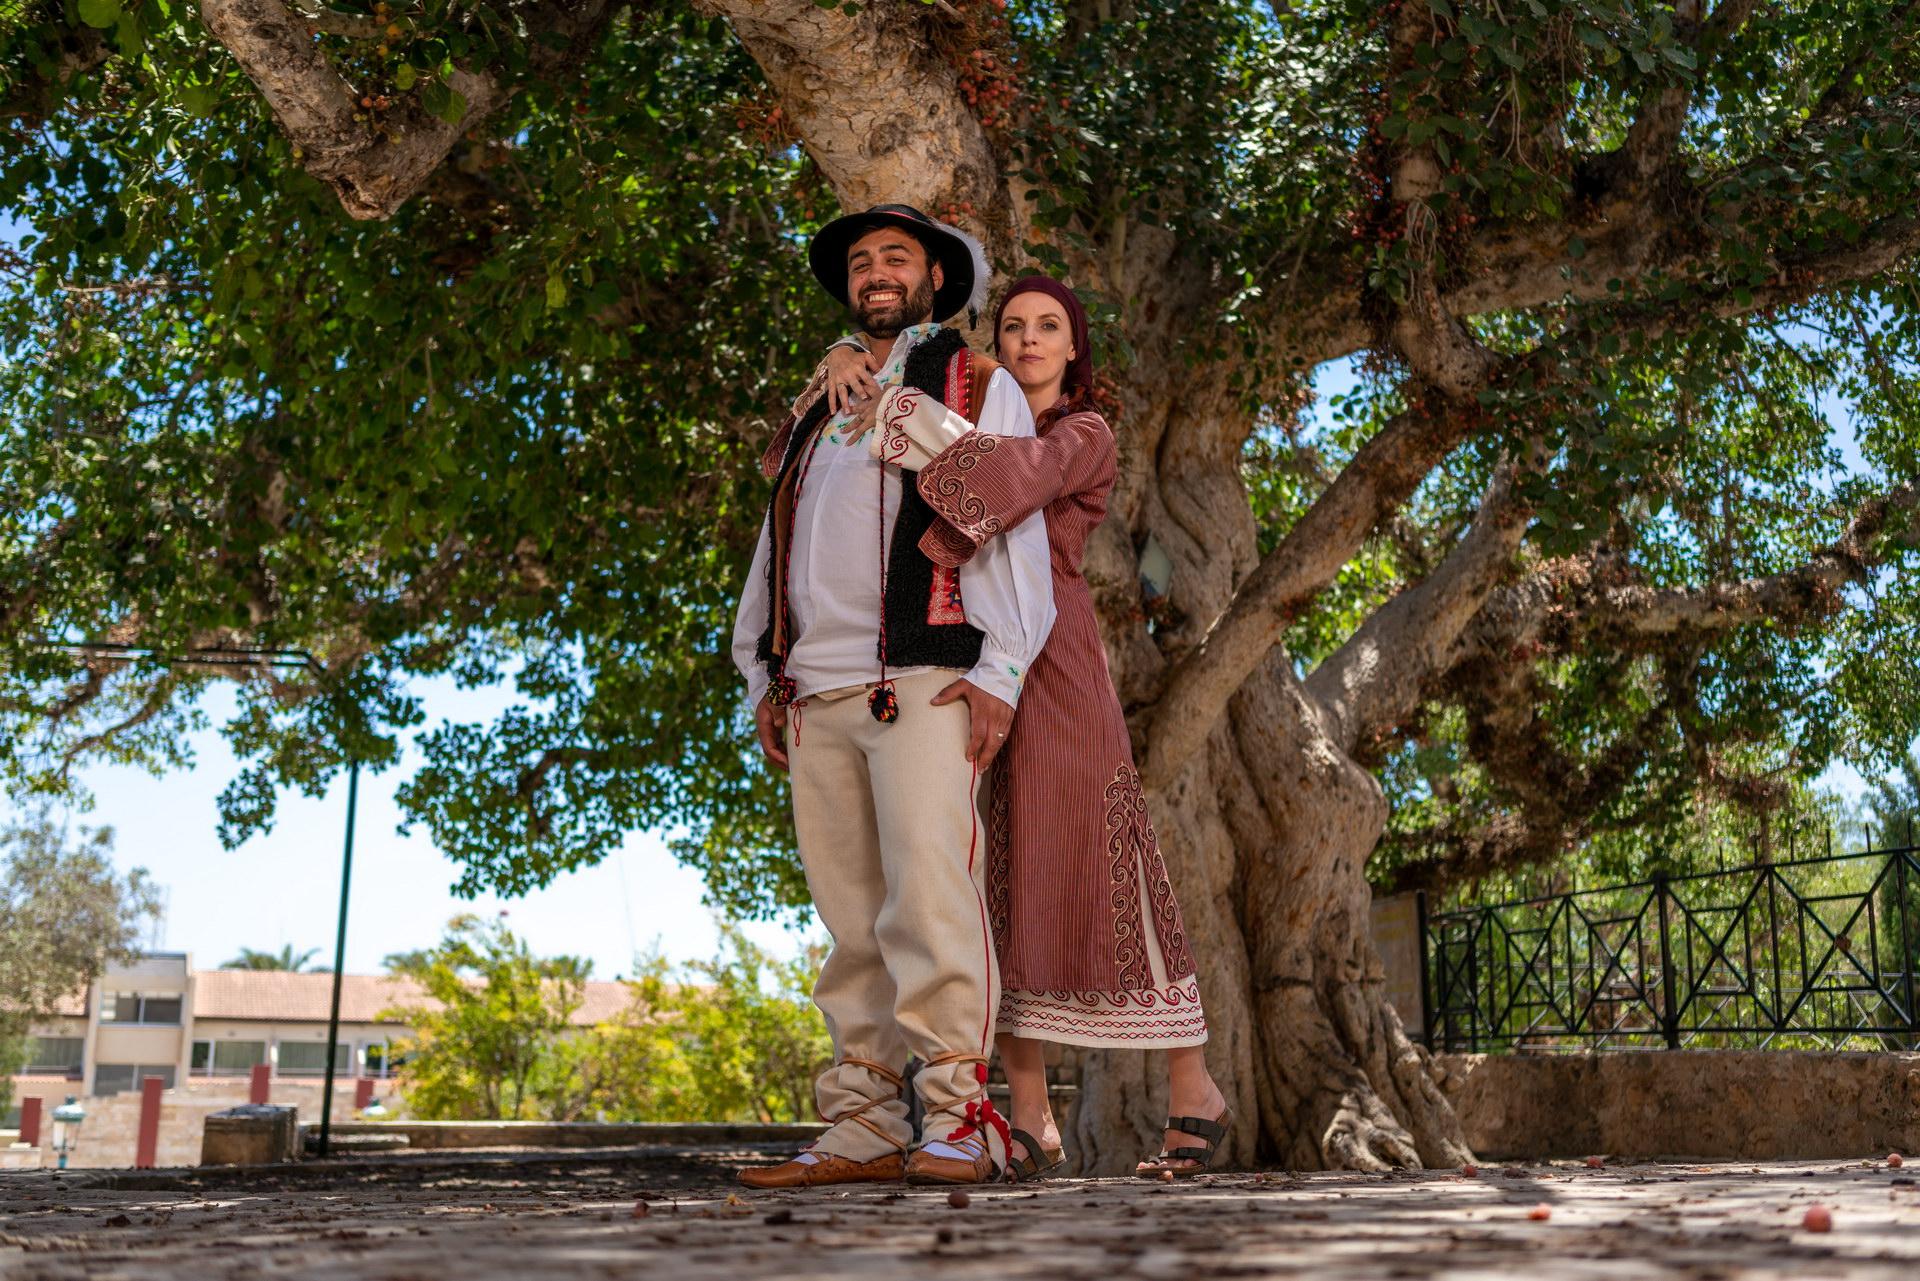 PIC06336_happyimagescyprus.com